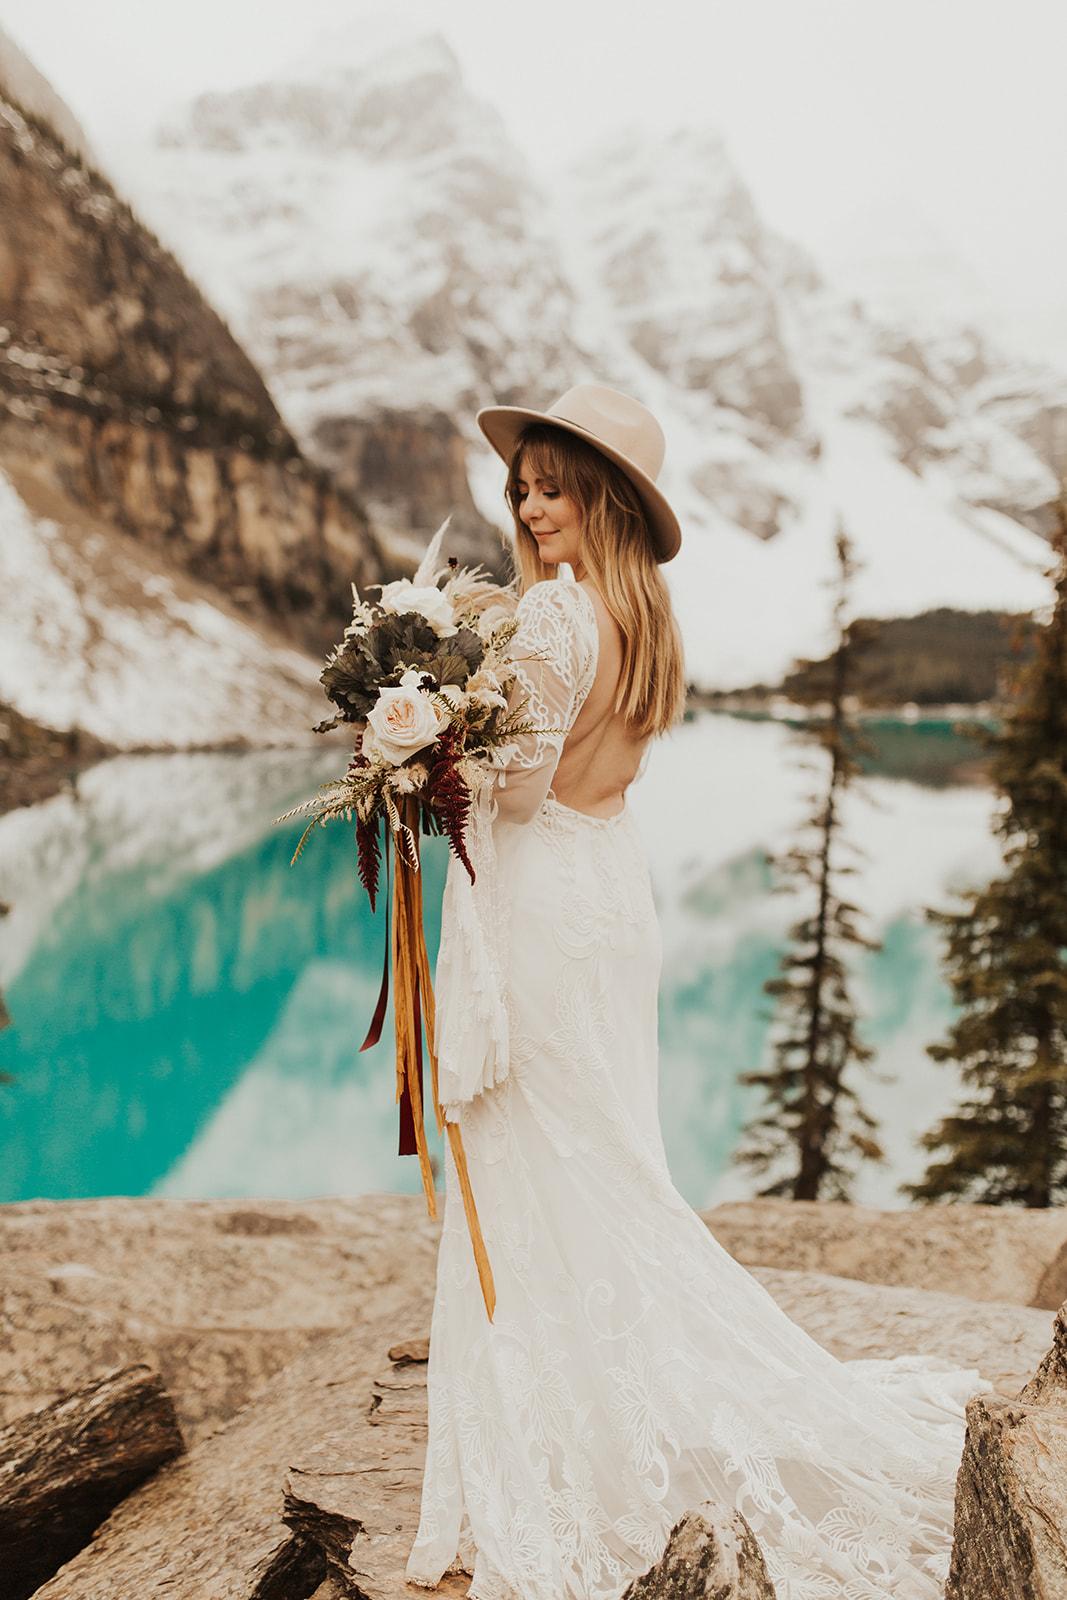 Banff Elopement l Lake Moraine Elopement l Vintage Bolo Tie l Pampas Grass Boho Boquet l Rue Design Wedding Dress l Banff Wedding Photographer l Destination Wedding Photographer l Katy Rose Photo_-29.jpg